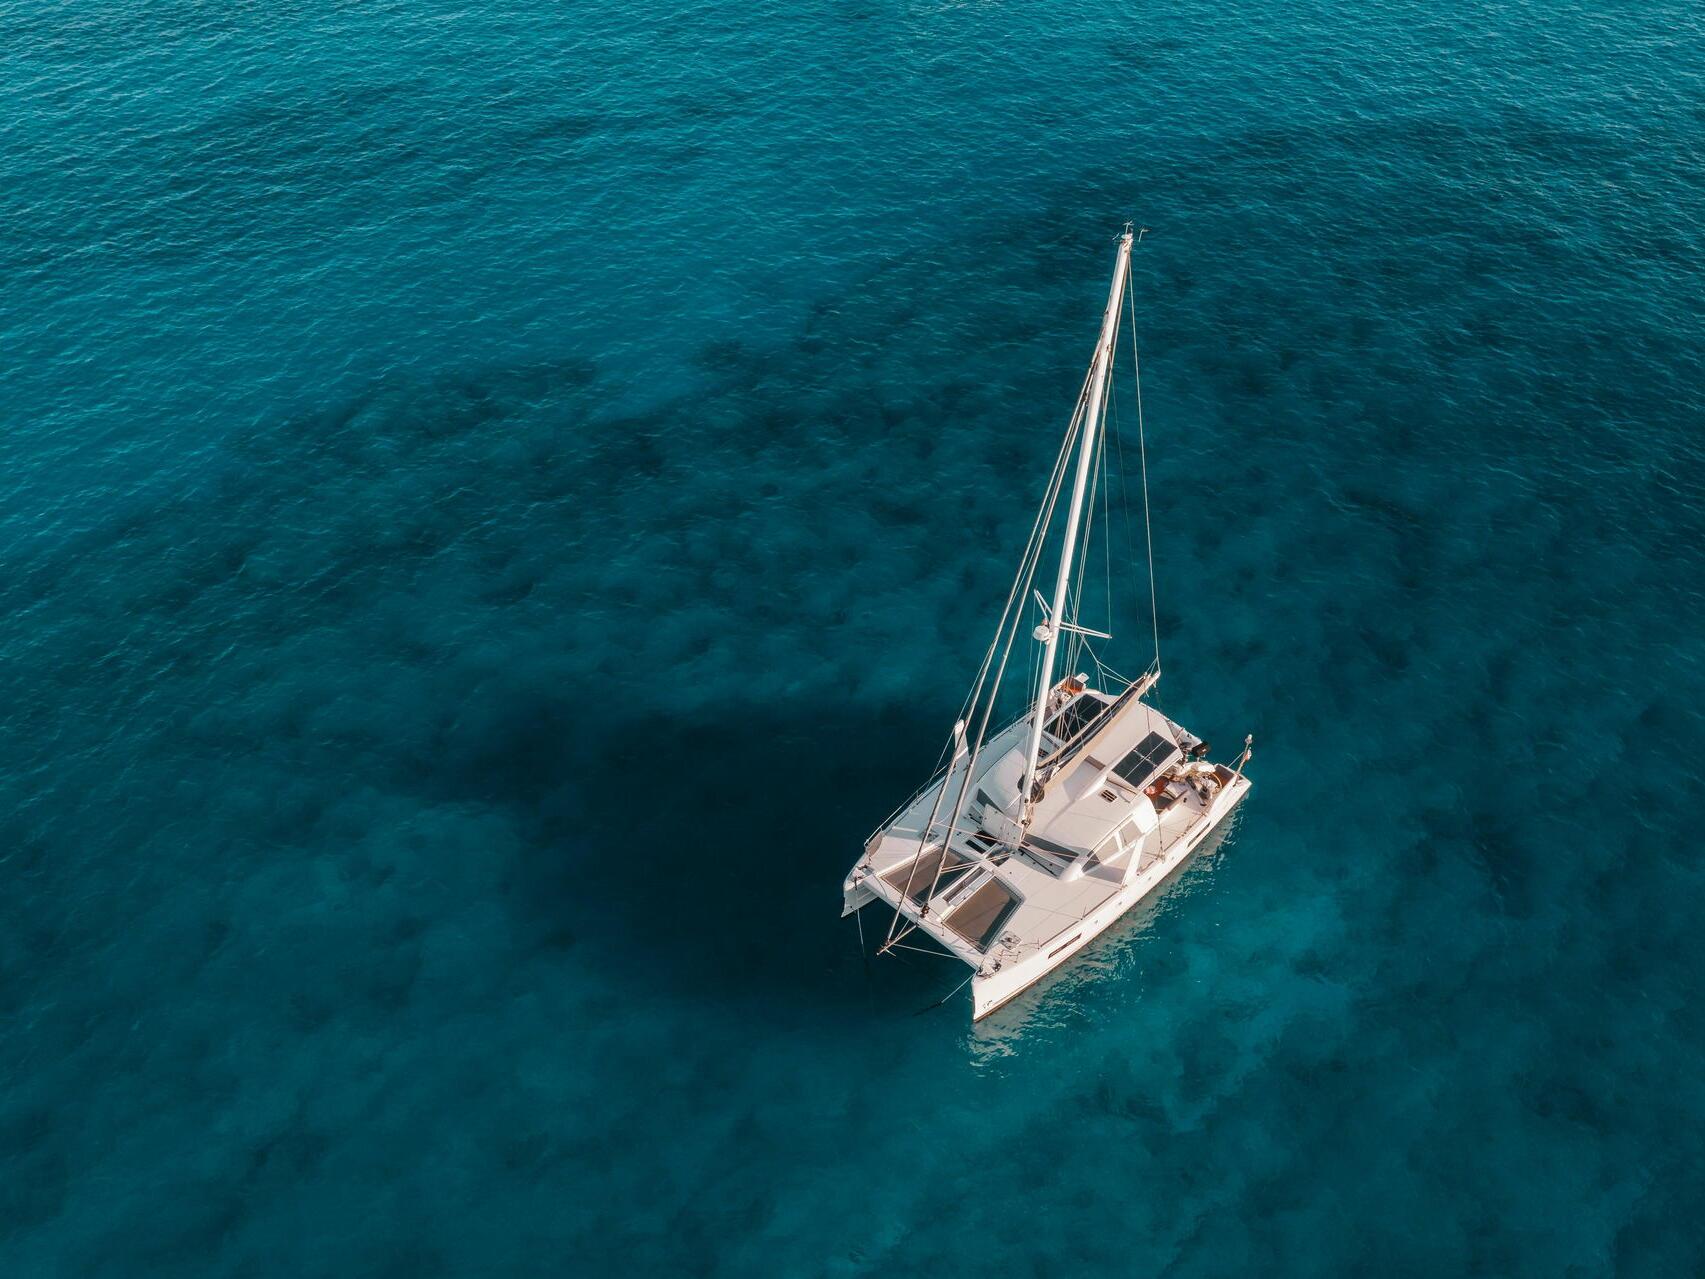 catamaran in ocean